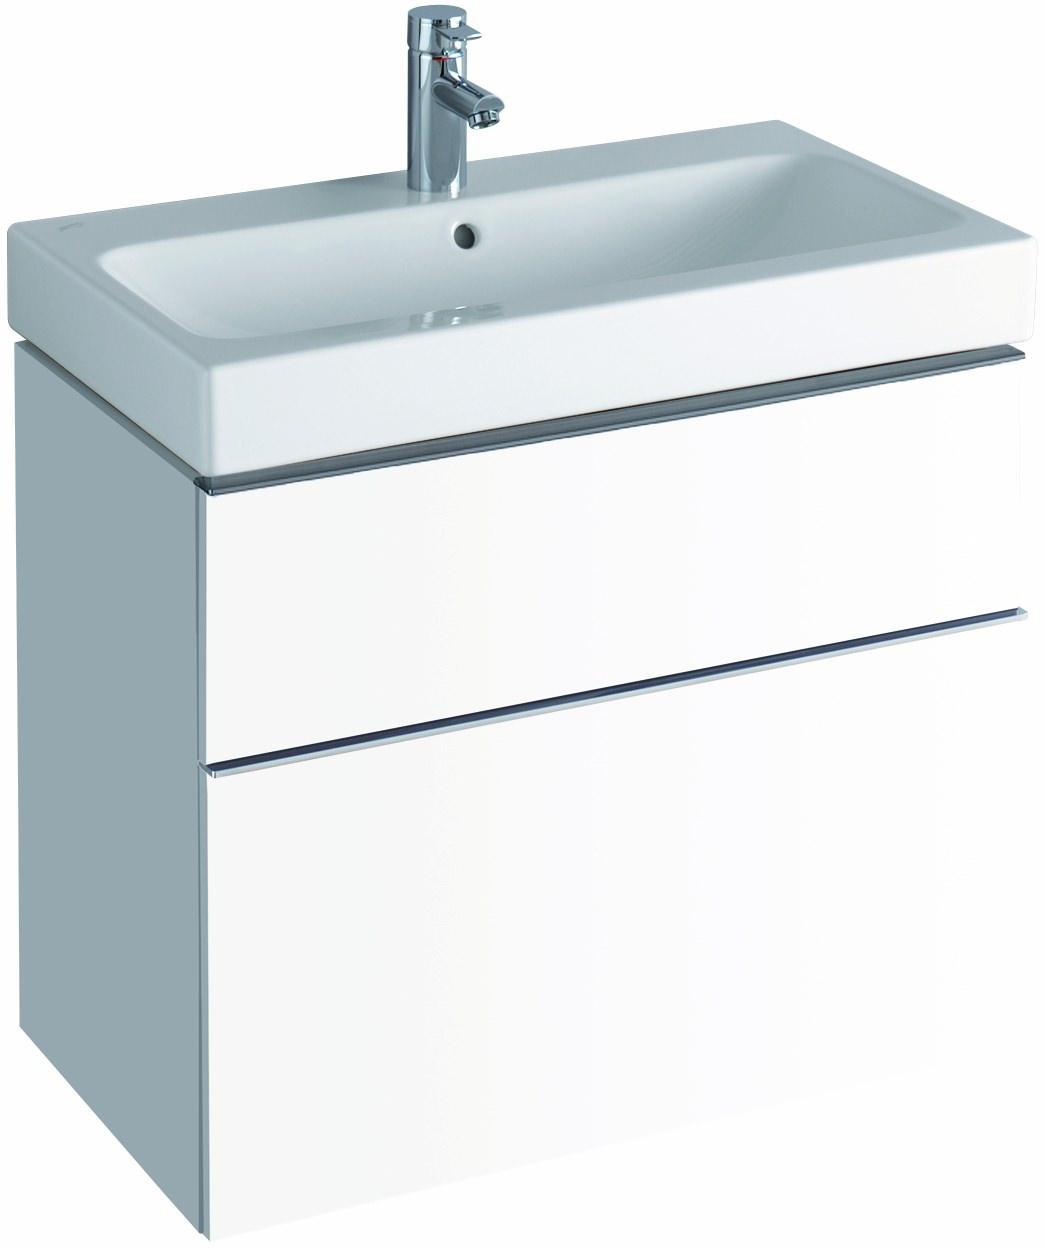 keramag icon schubladenfront wei zu waschtischunterschrank 840375 598847000. Black Bedroom Furniture Sets. Home Design Ideas